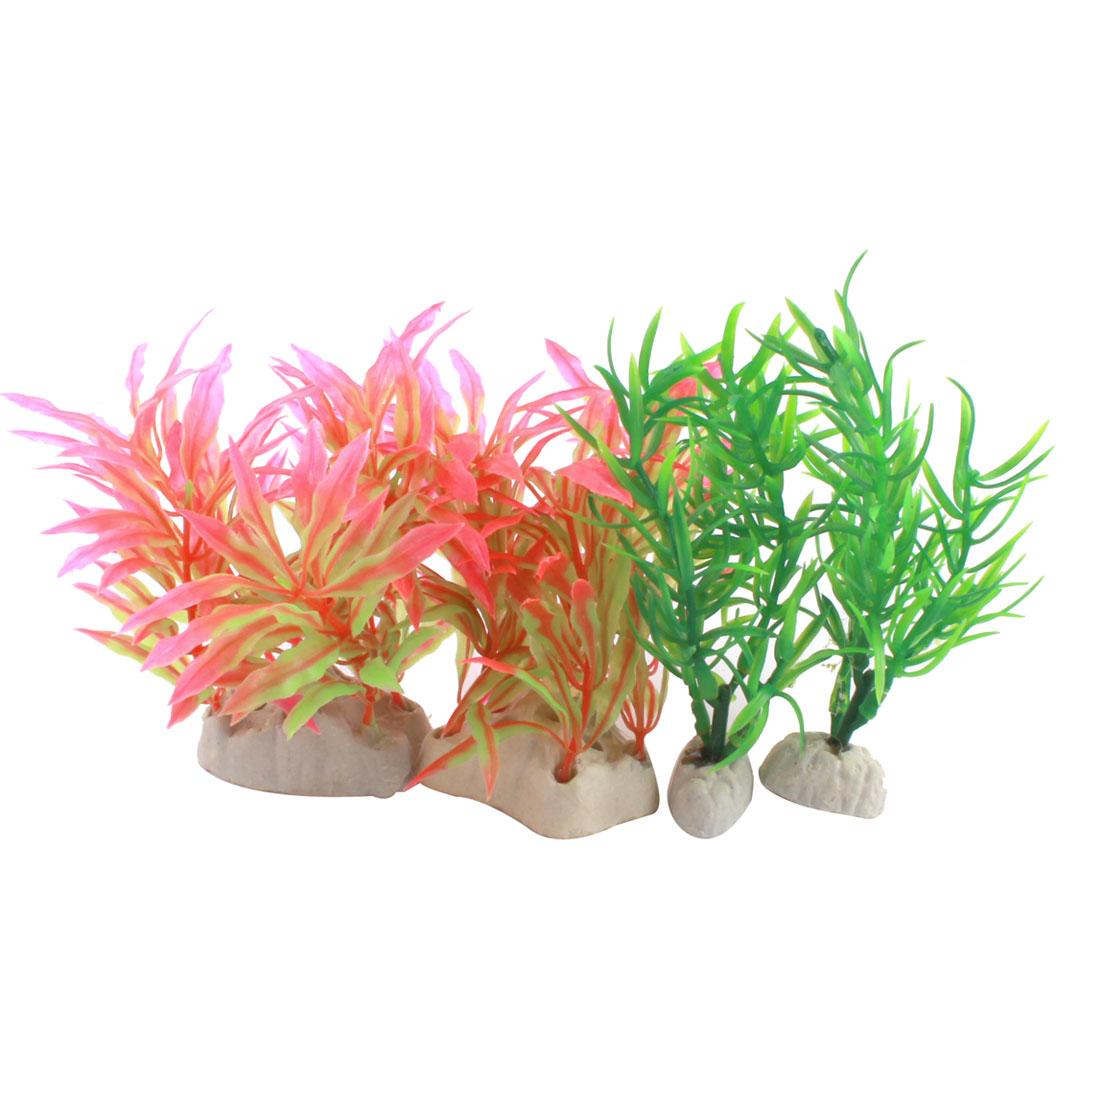 Aquarium Decoration Green Fushsia Plastic Artificial Underwater Grass Plant 4 Pcs